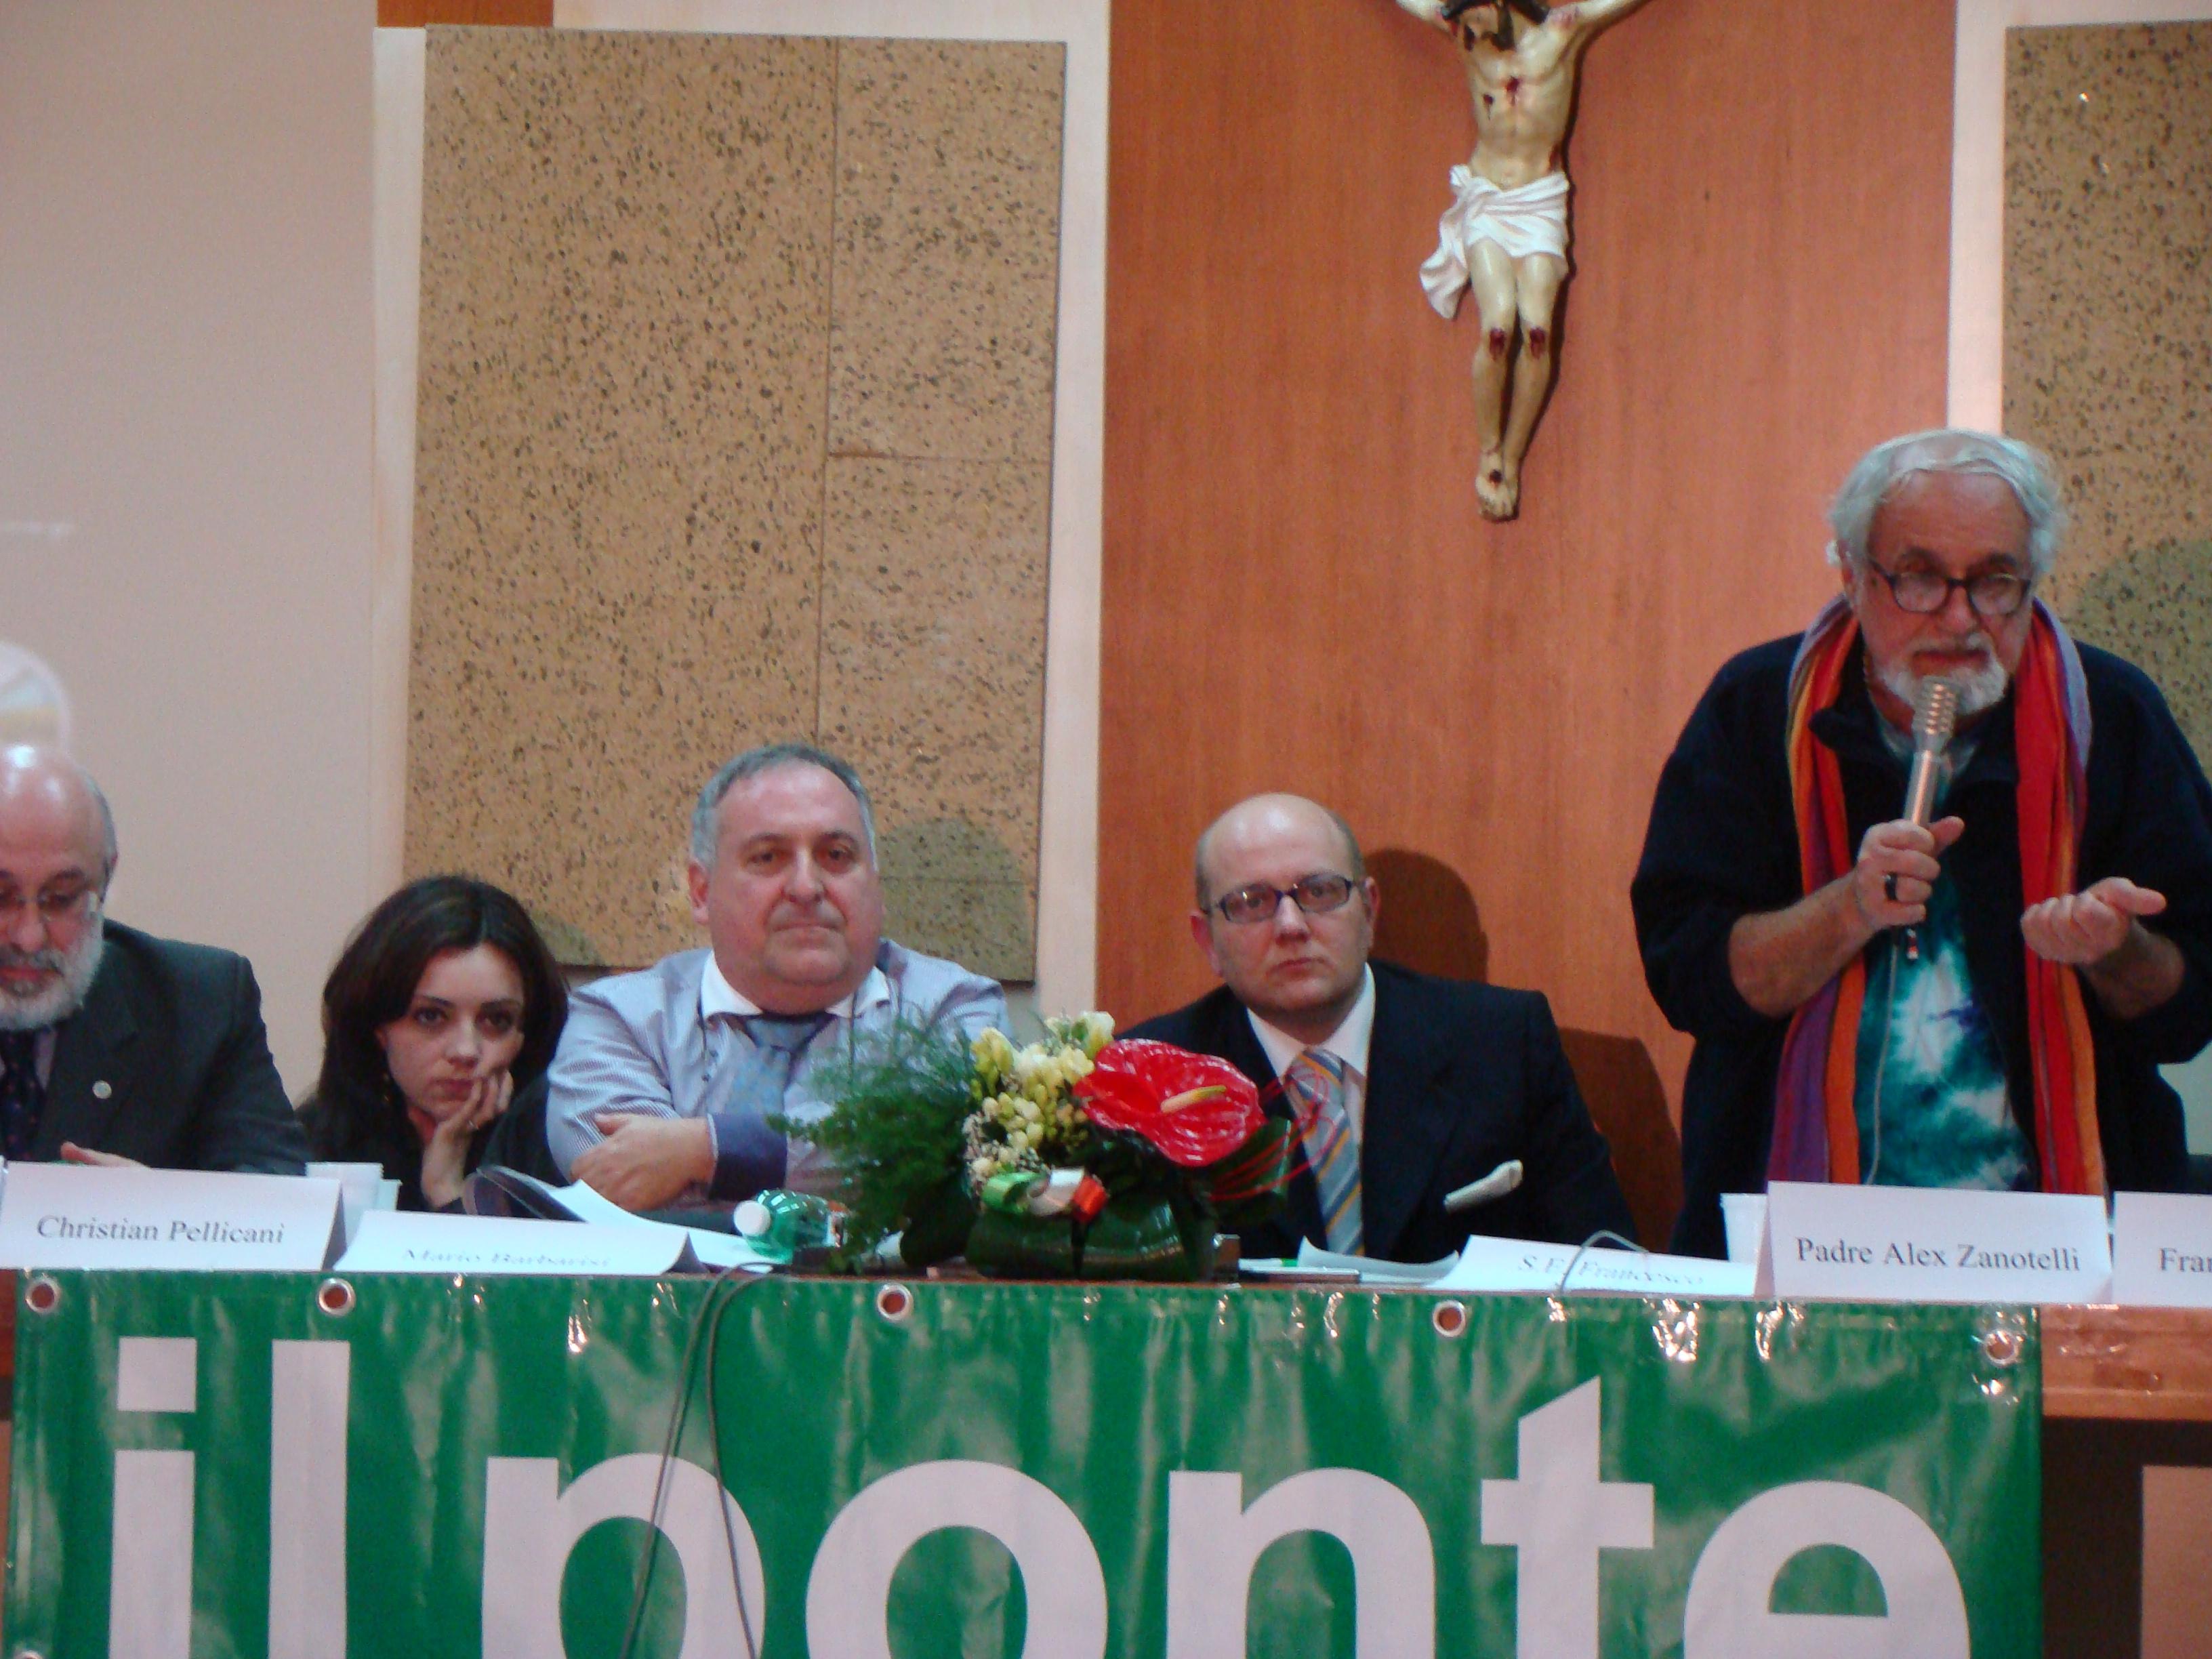 (2) FAME : Retour sur la victoire des italiens le 12 juin aux référendums sur la gestion publique de l'eau.